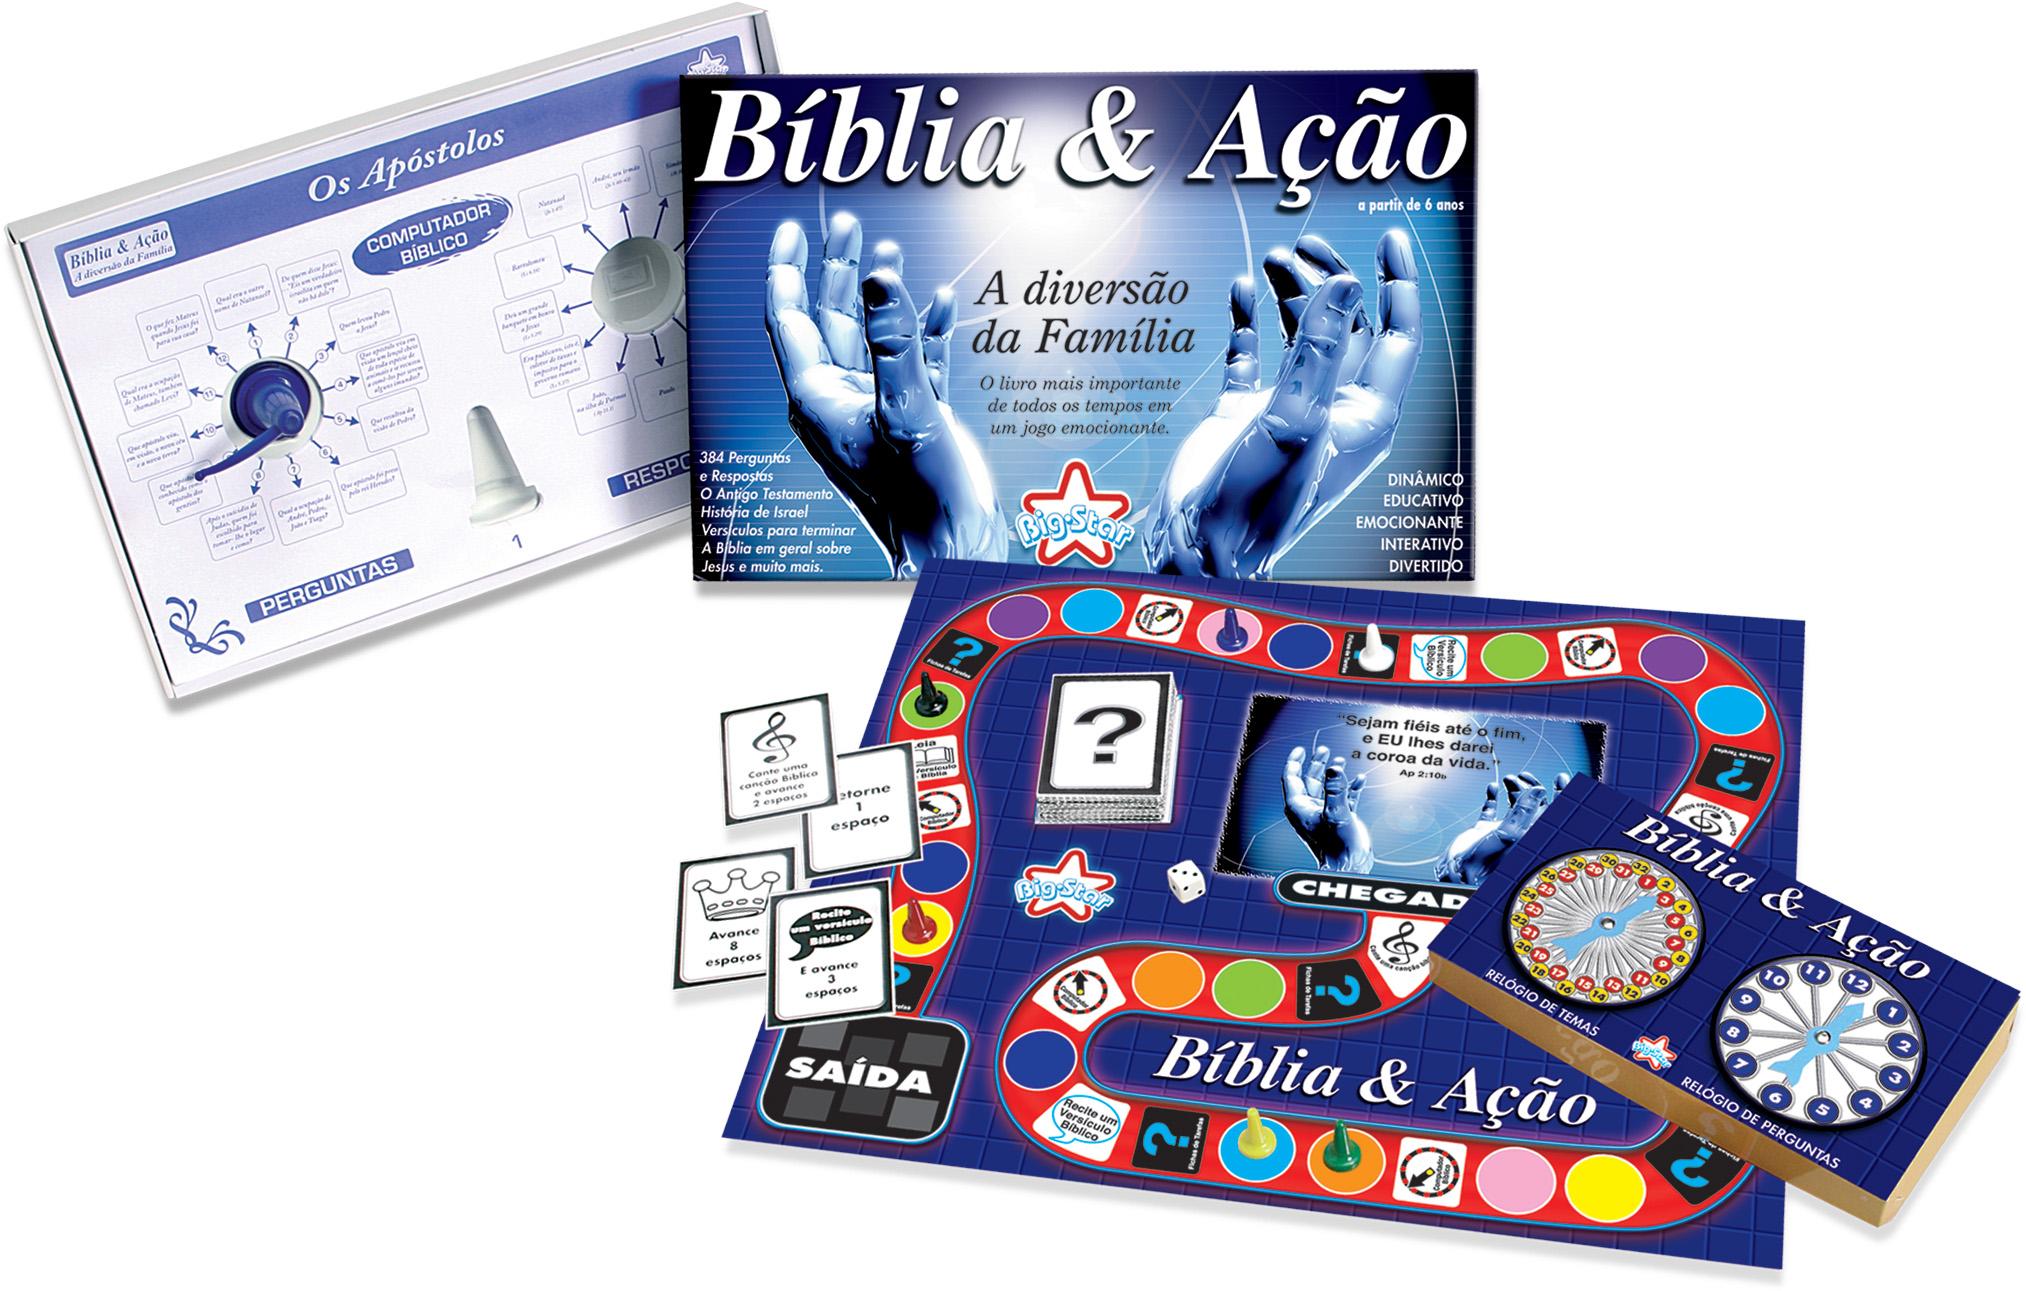 Bíblia e Ação